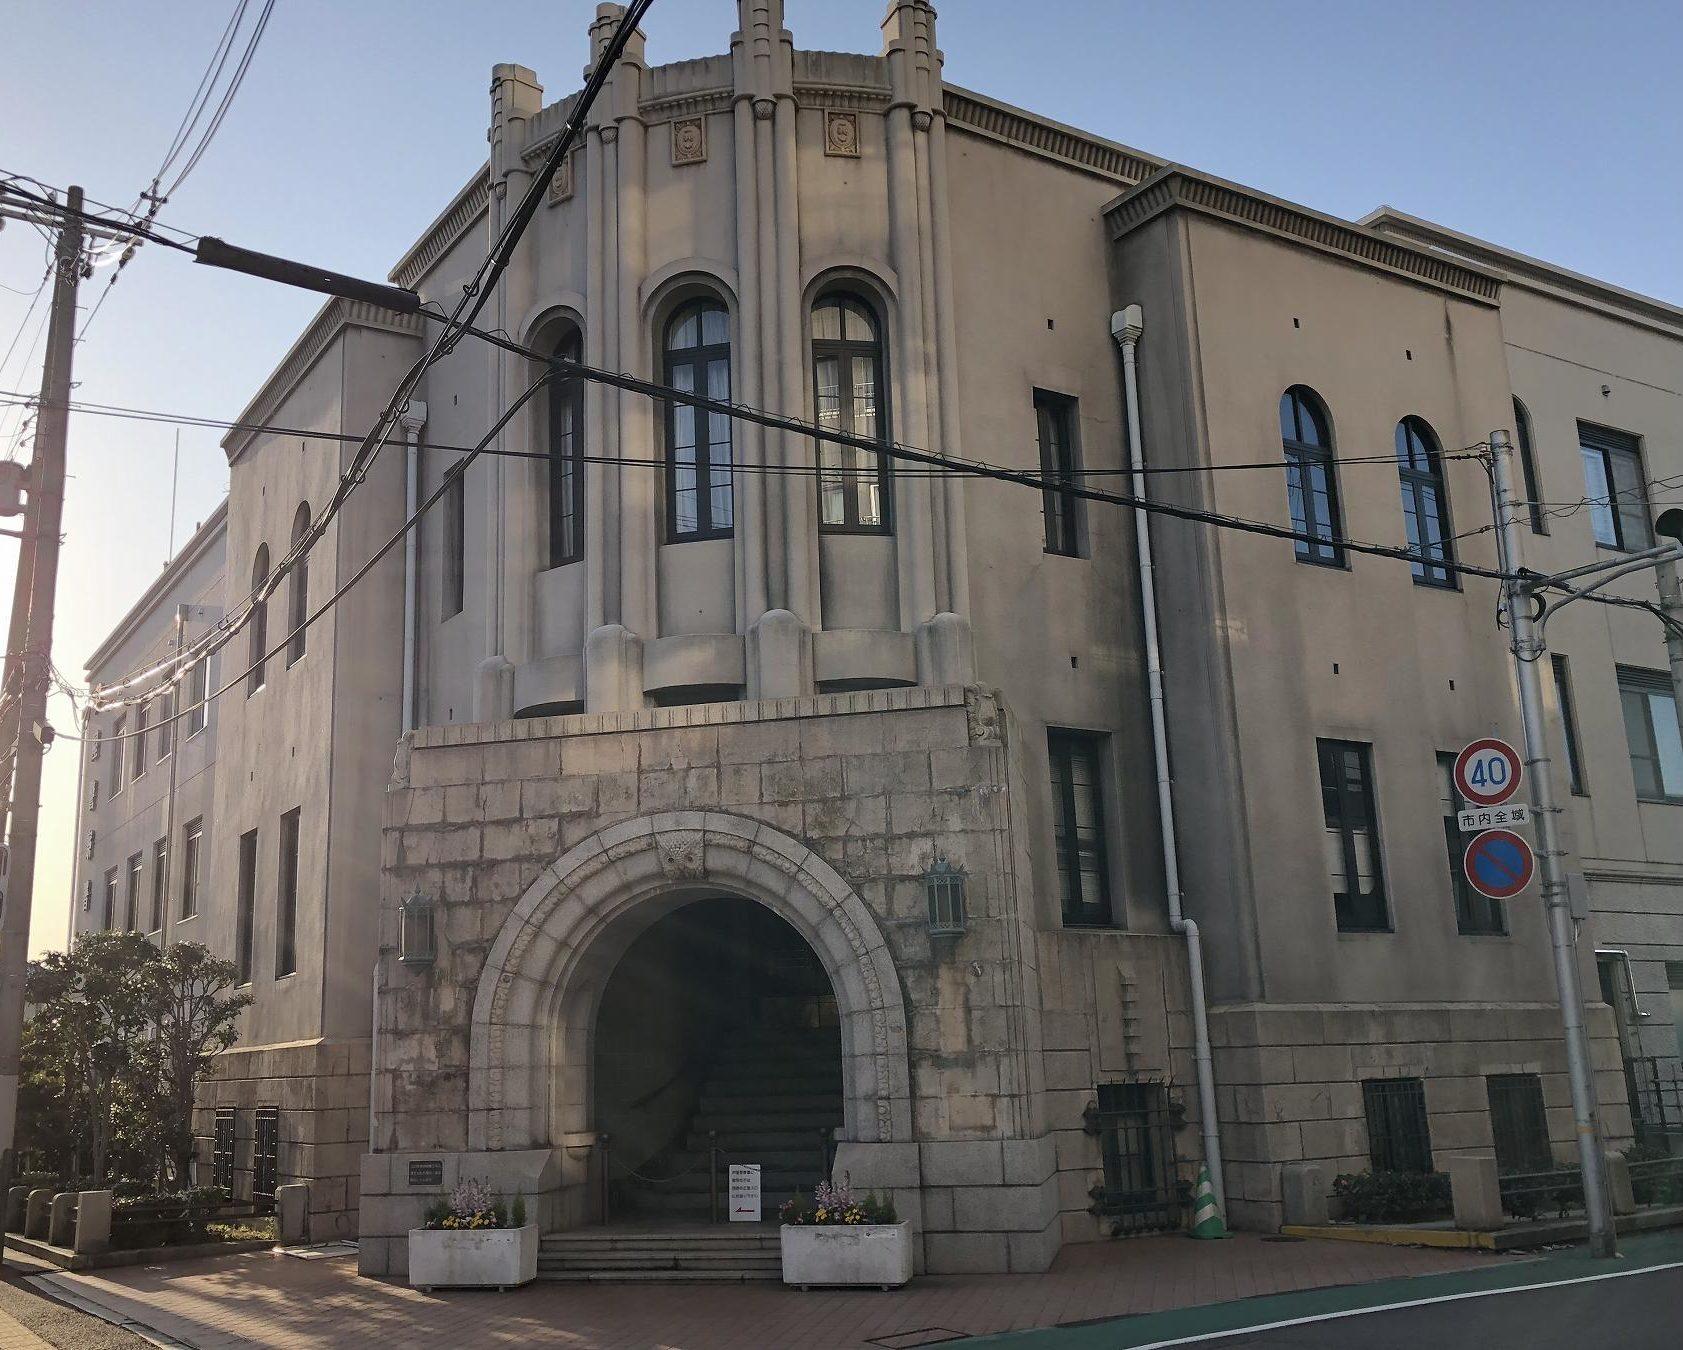 芦屋にある「芦屋警察署」の近代建築を見に行ってきた! #芦屋市 #芦屋警察署 #近代建築